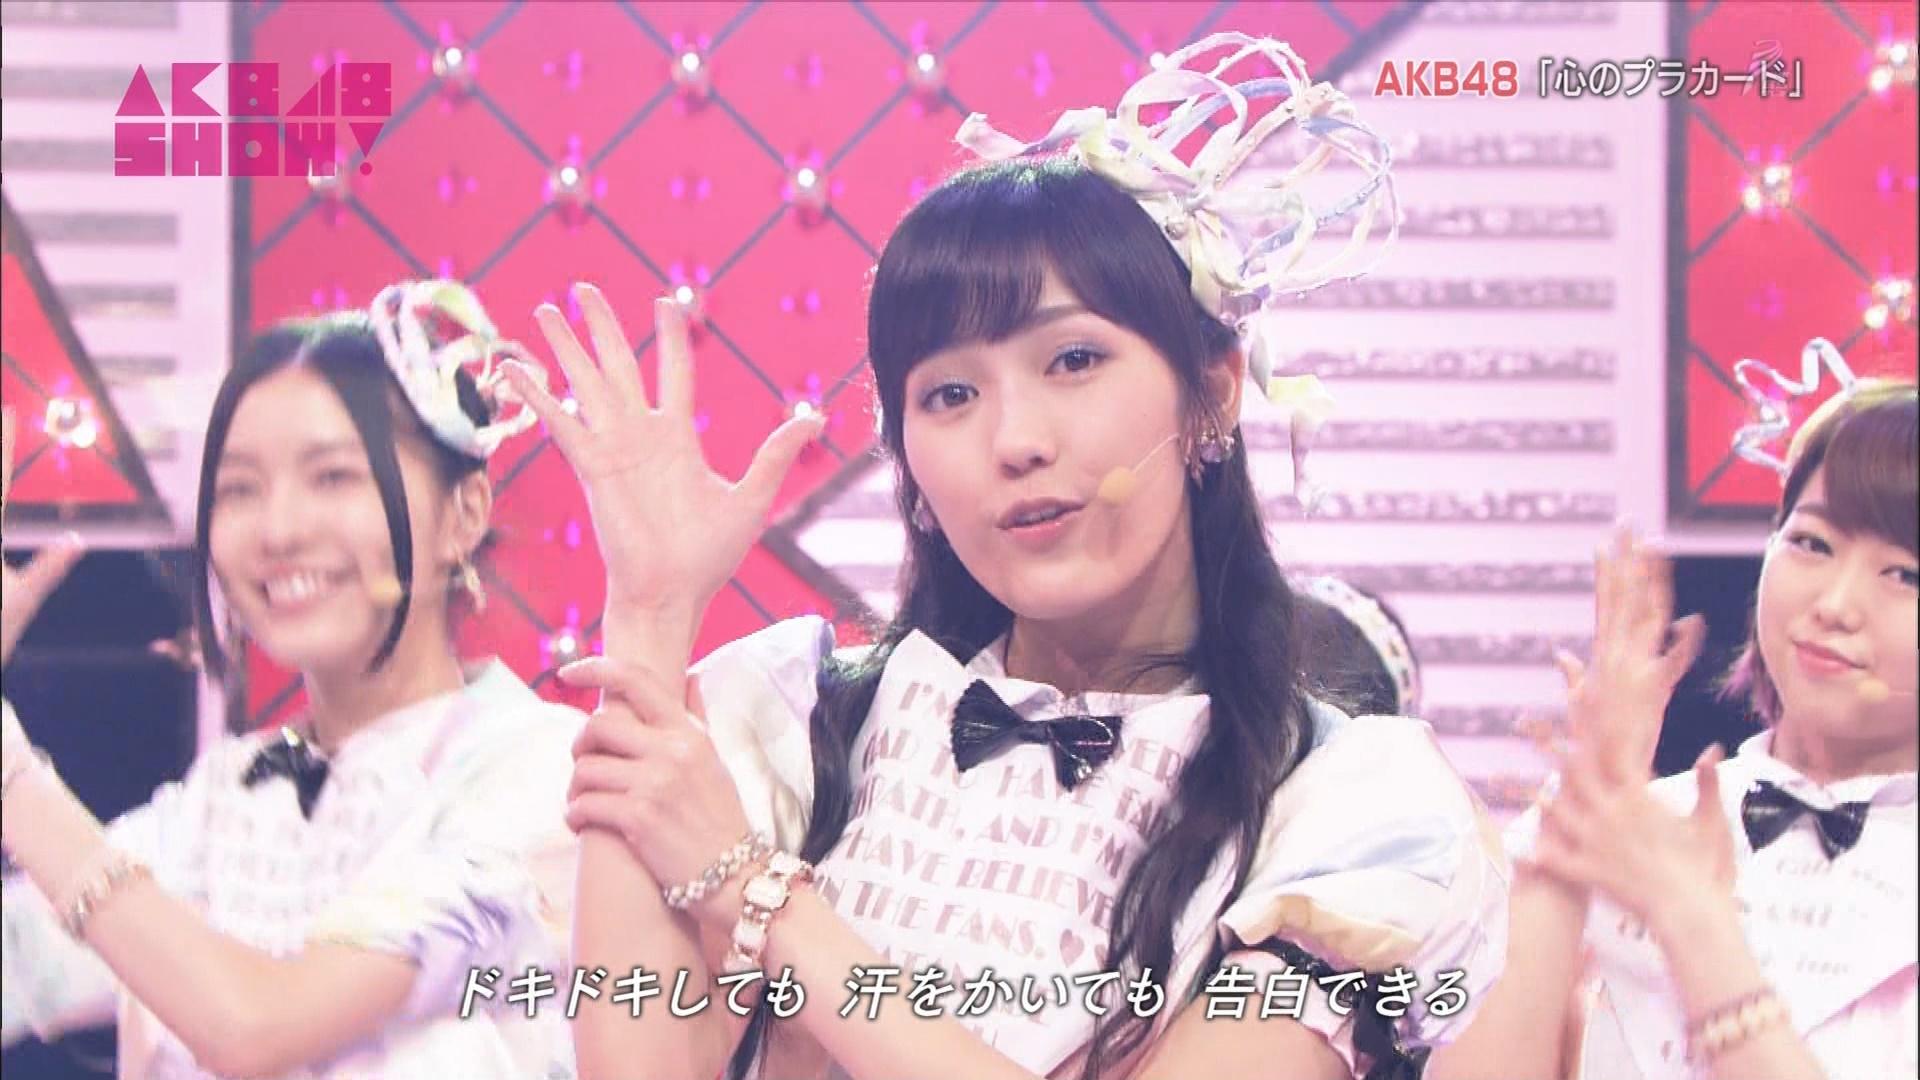 AKB48SHOW 心のプラカード 渡辺麻友 20140830 (15)